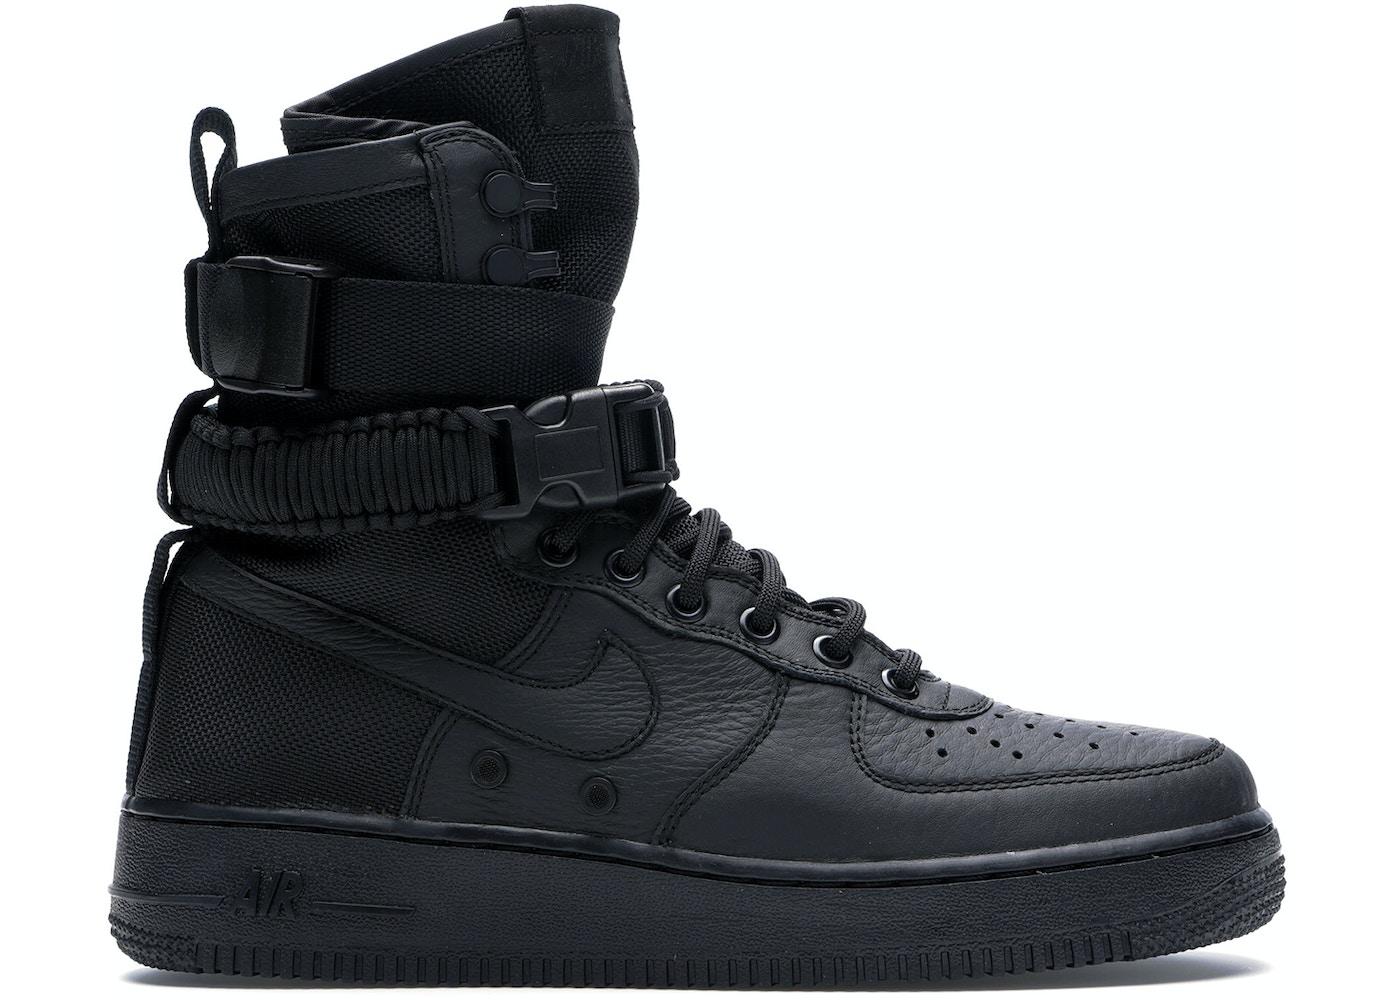 san francisco 3f33d d0226 Nike SF Air Force 1 High Triple Black - 864024-003